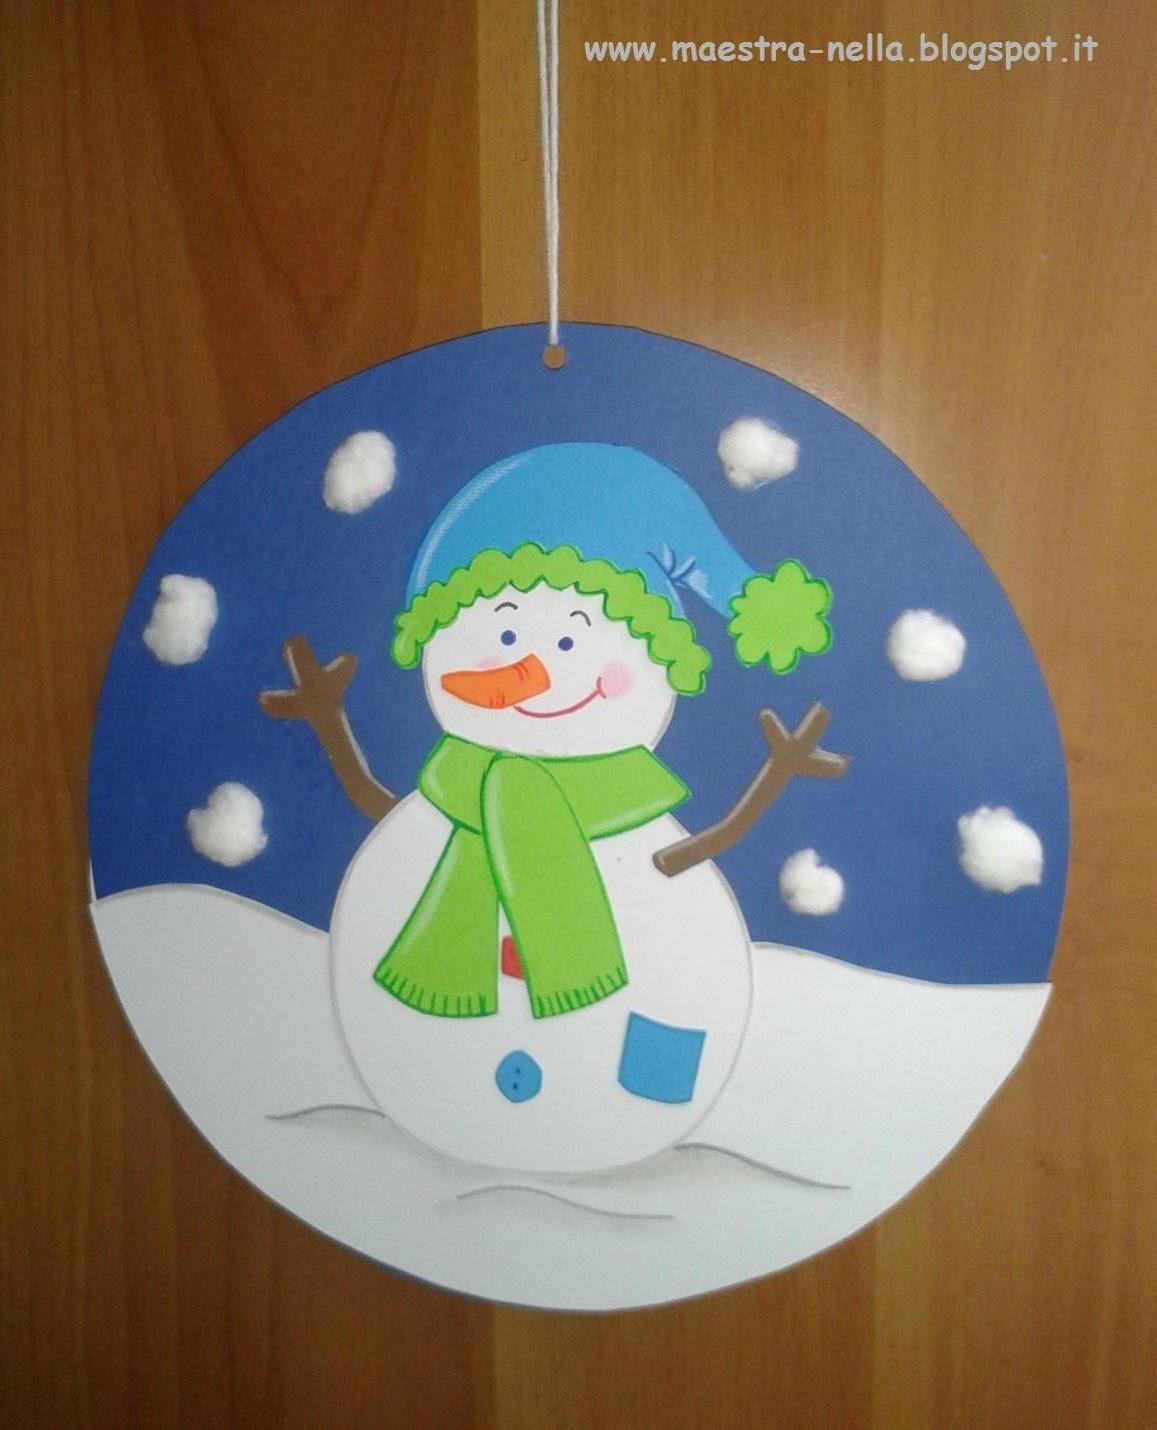 Maestra nella addobbi invernali for Addobbi scuola infanzia